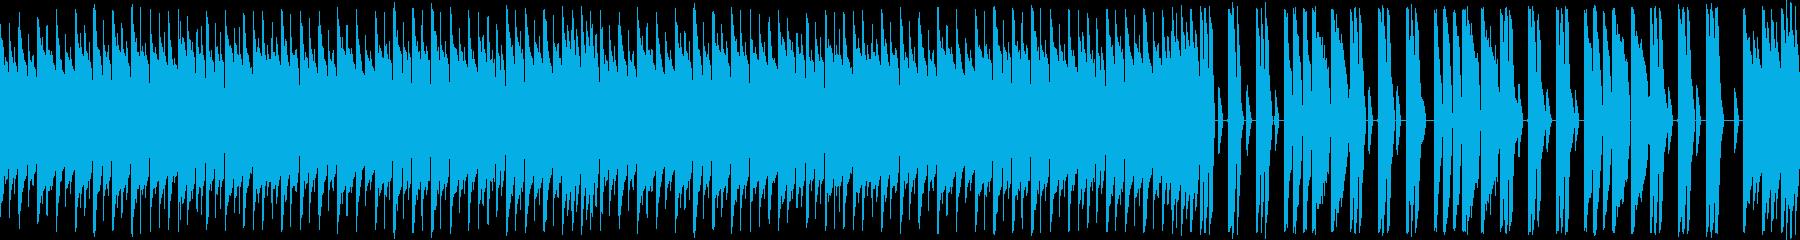 ゲーム:定番のスタートアップ:ループ再生の再生済みの波形